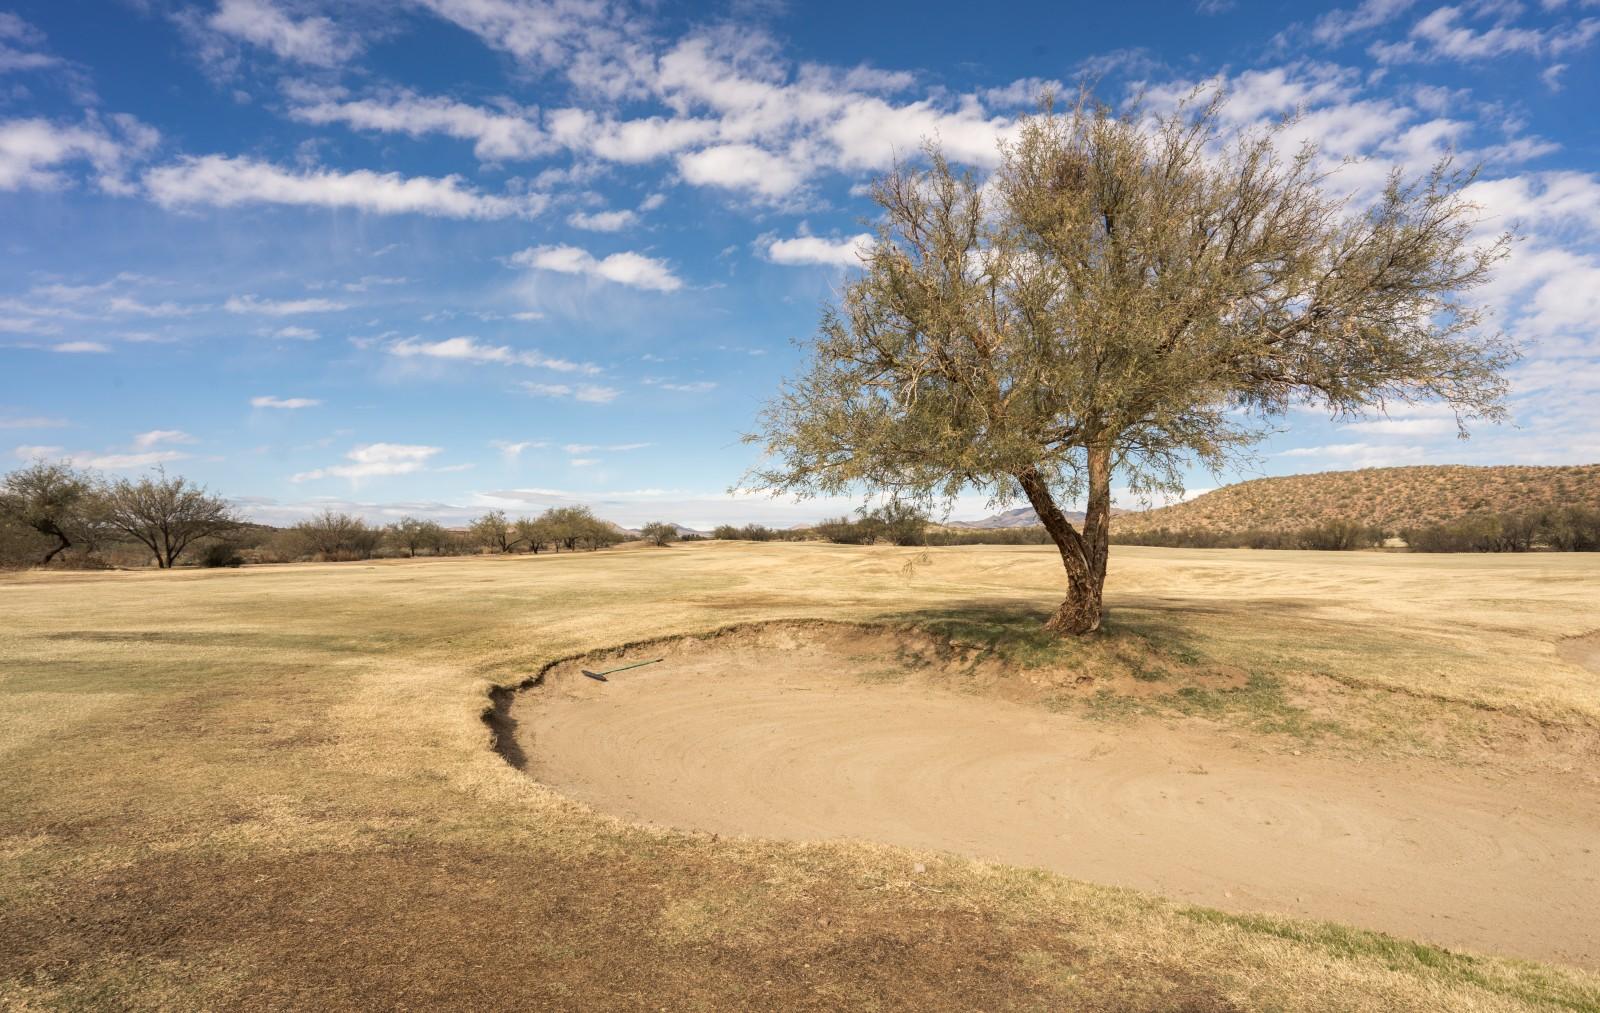 Fairwaybunker auf Loch 1 von Apache Stronghold